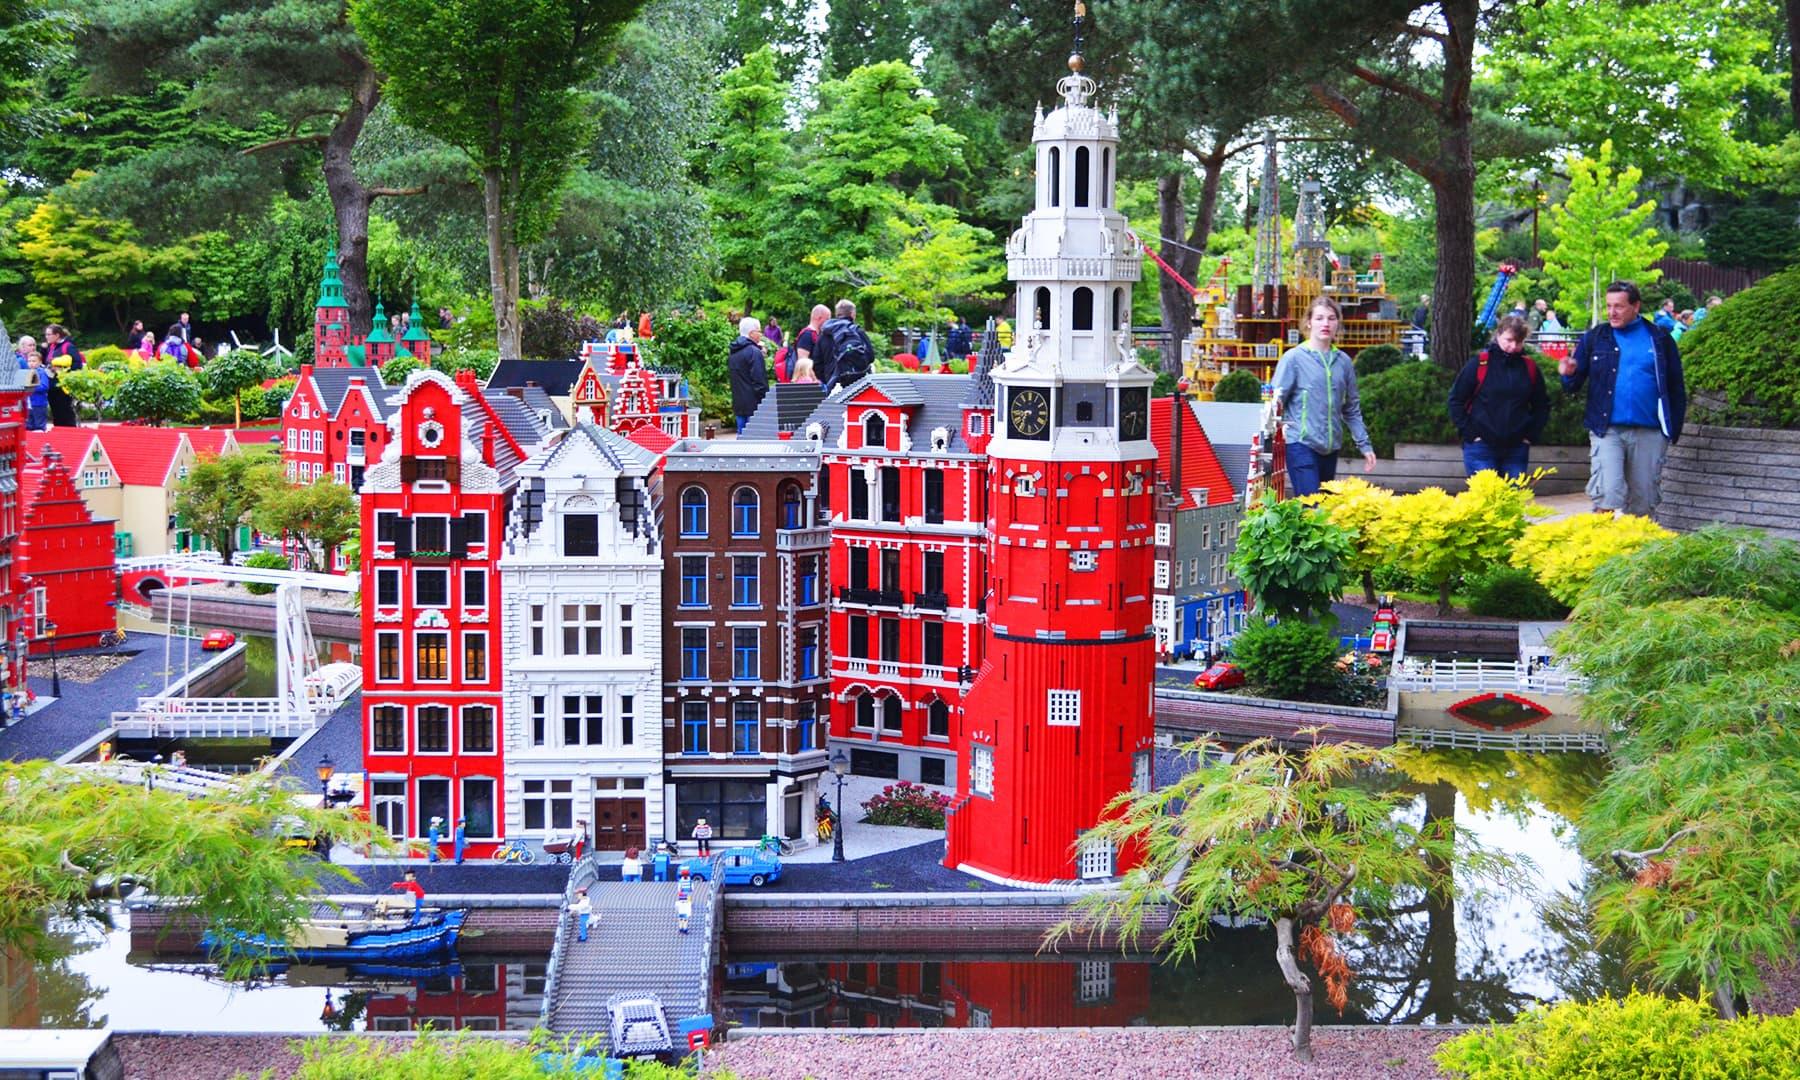 لیگو کے یونٹس سے بنی ان عمارتوں کو دیکھ کر ان کے بنانے والوں کی تخلیقی صلاحیت کا پتہ چلتا ہے — تصویر رمضان رفیق